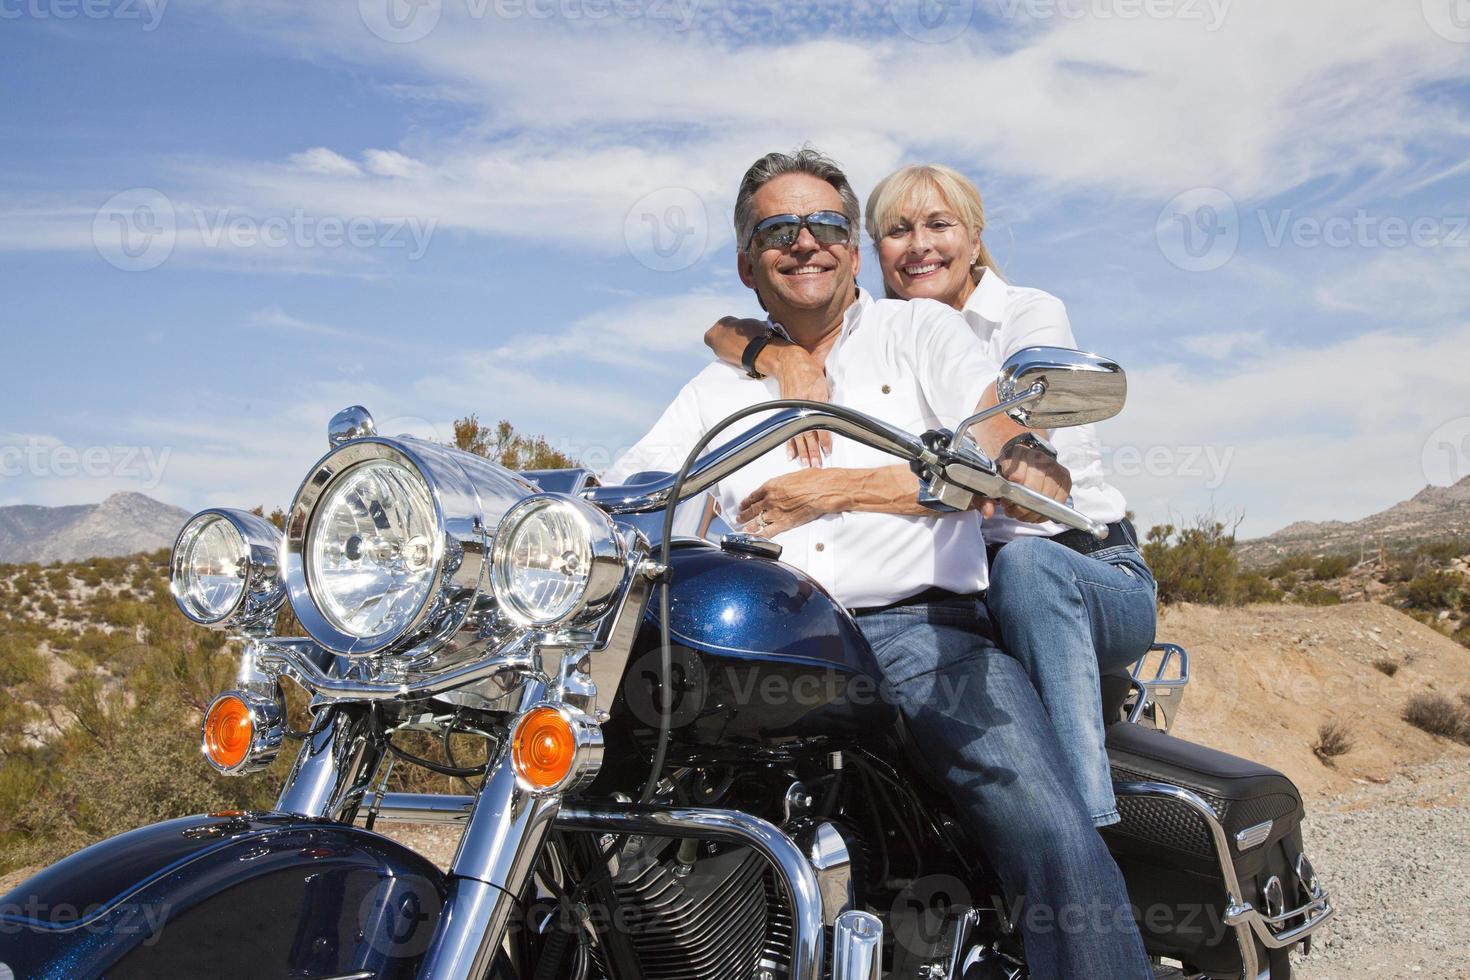 casal sênior no deserto foto